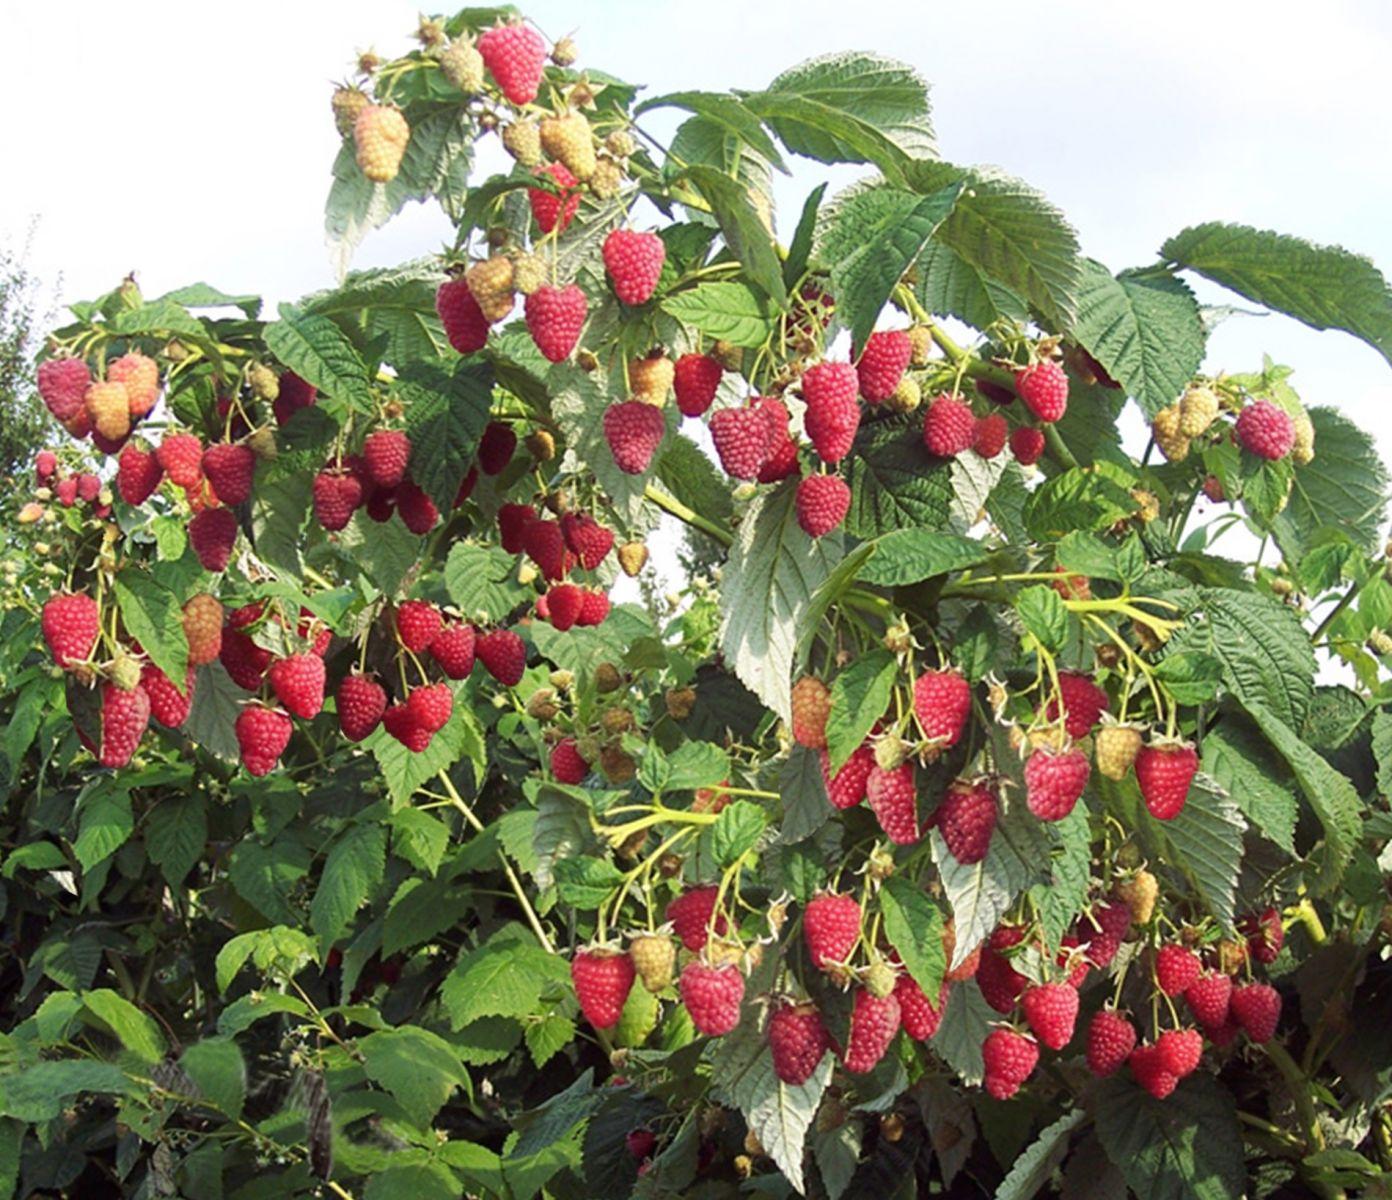 ознакомиться малиновое дерево посадка и уход фото размножение давно